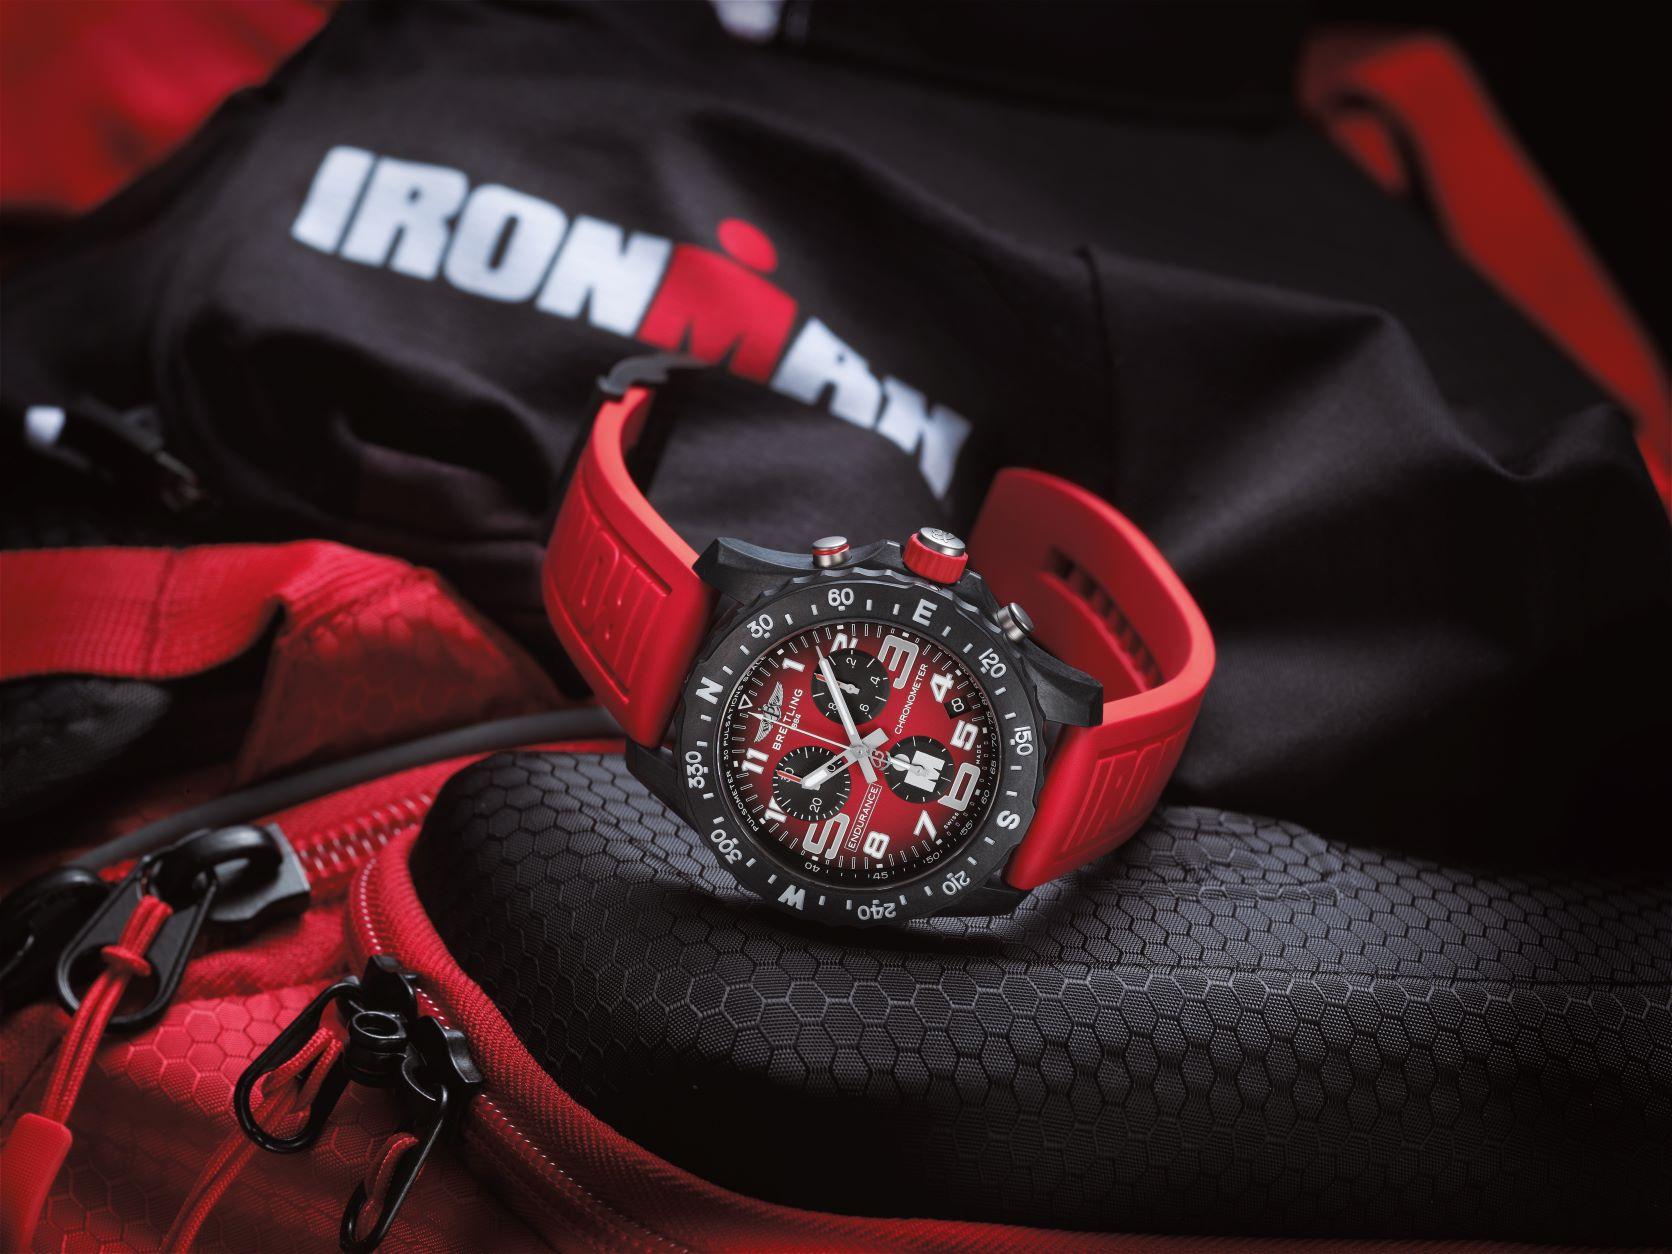 Imagem da notícia: Ironman e Breitling colaboram e lançam o relógio Endurance Pro Ironman